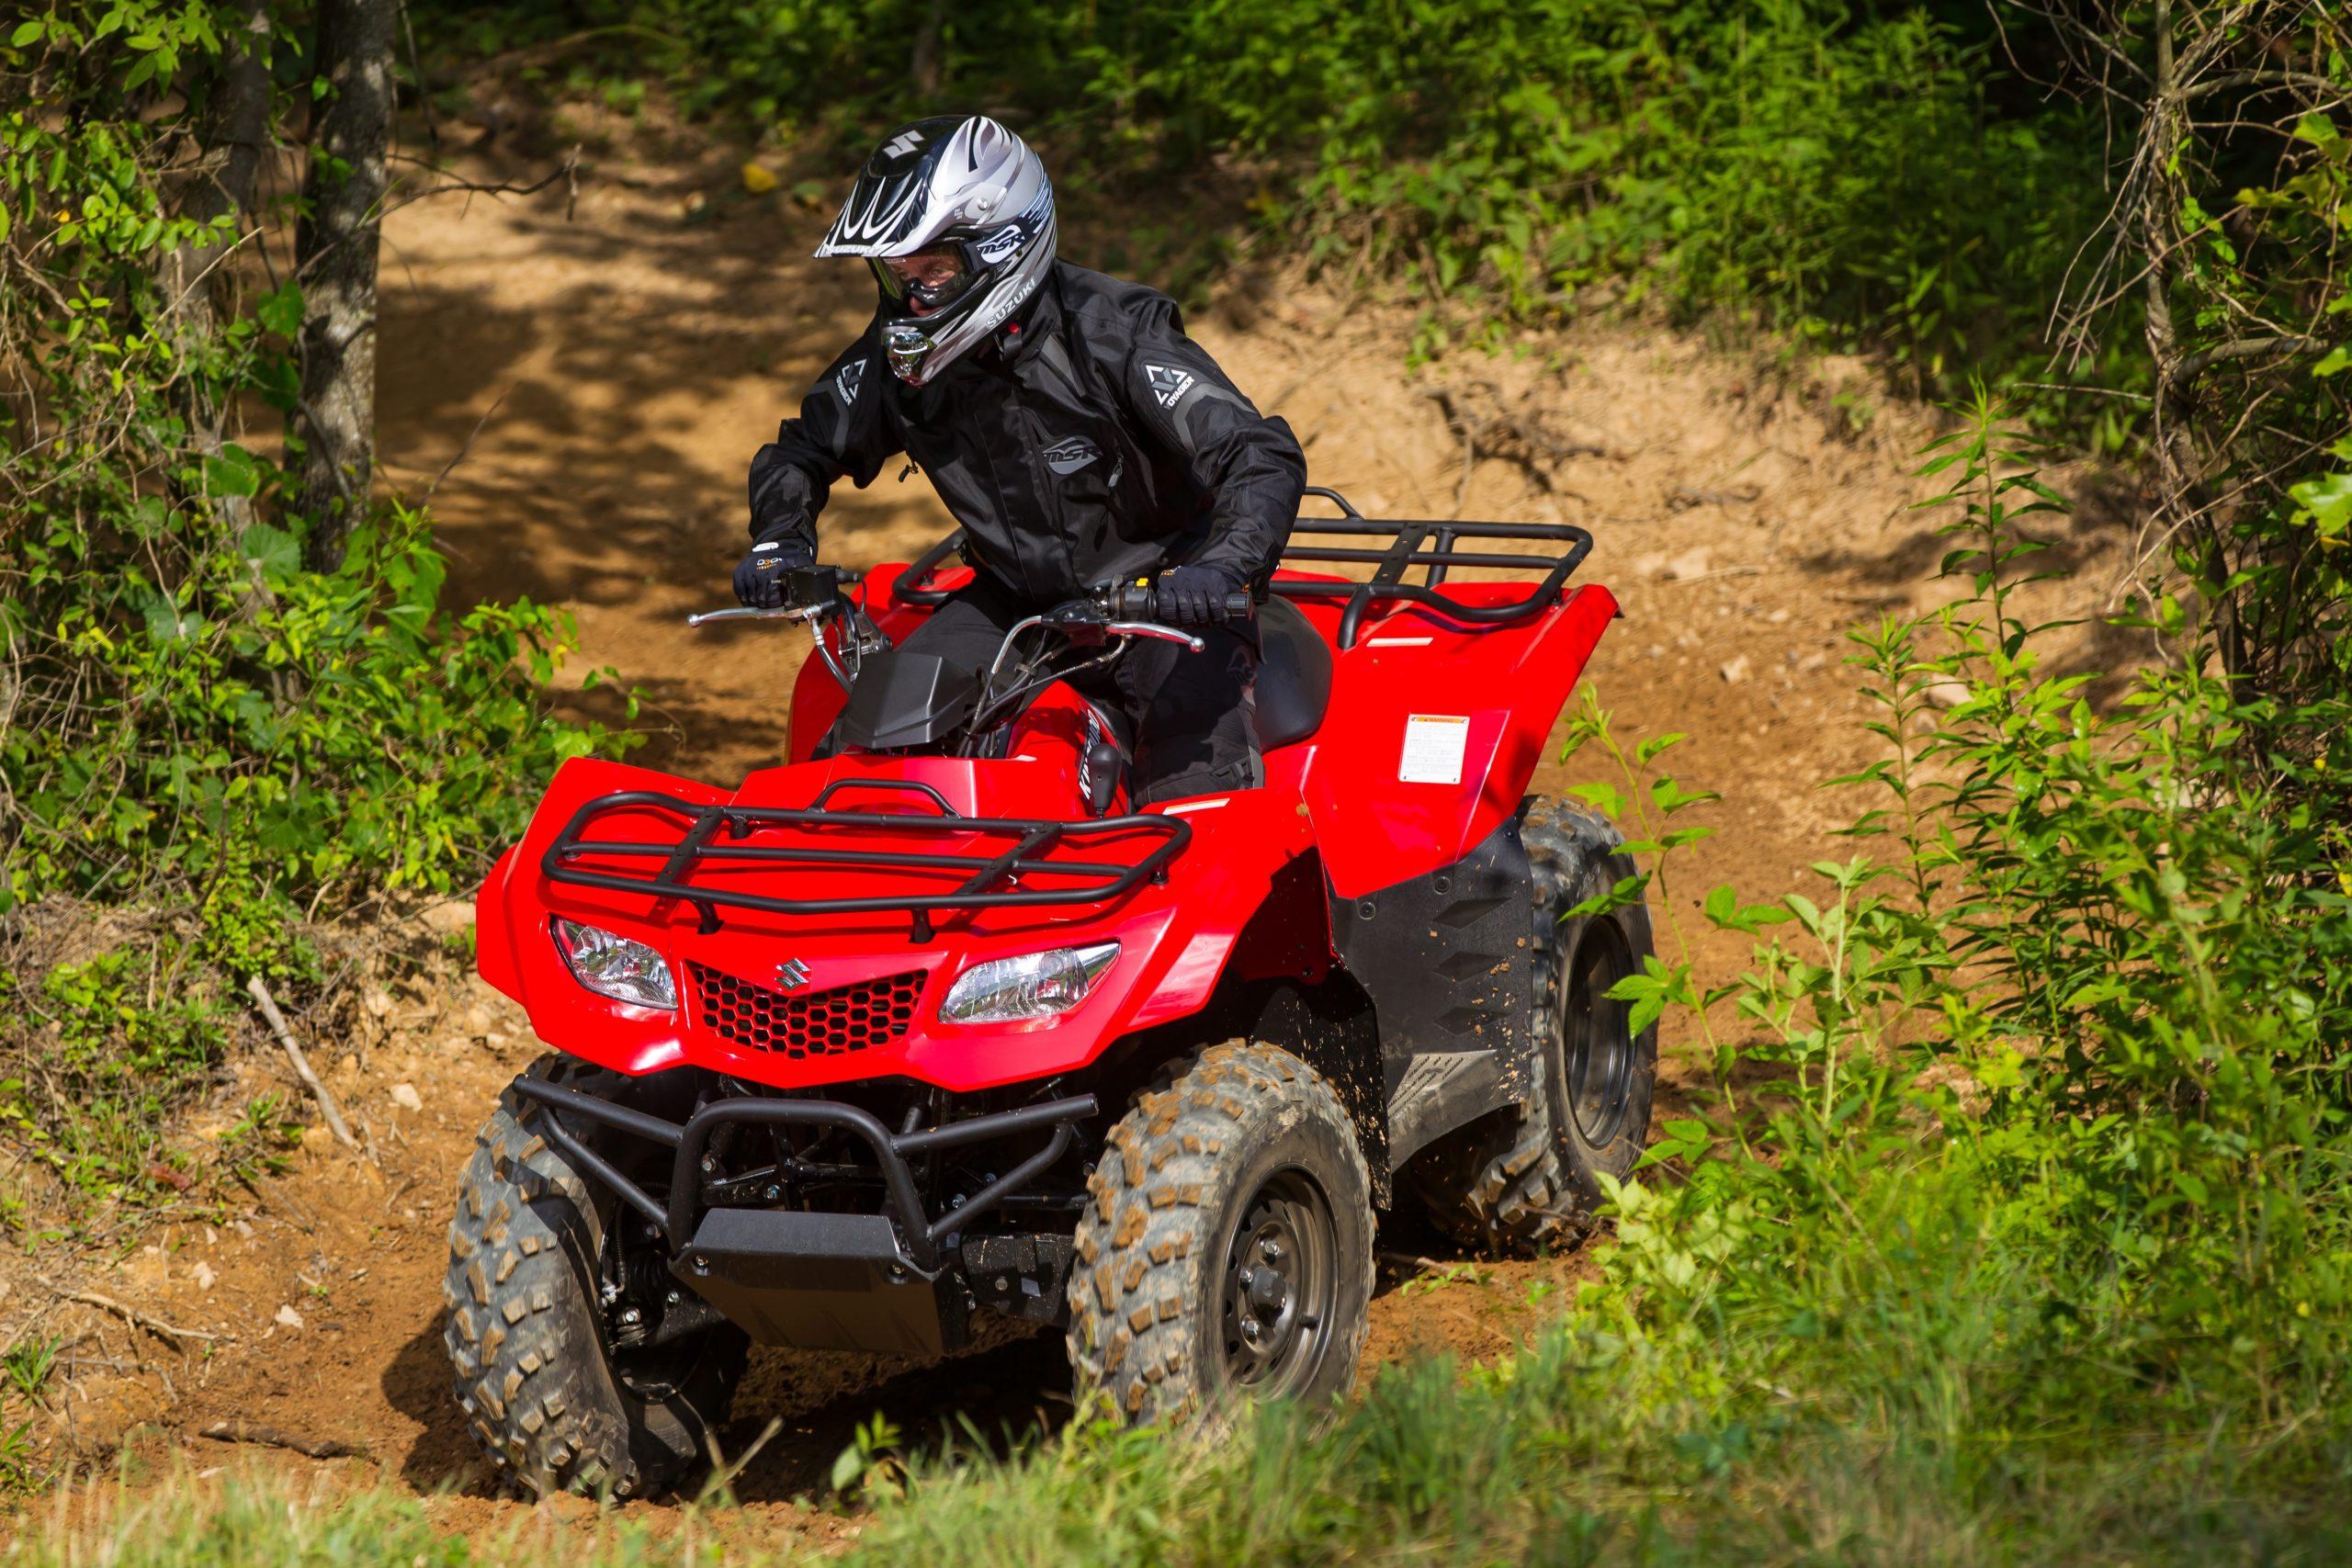 ATV-KINGQUAD-400-SUZUKI-RED-DOWNHILL